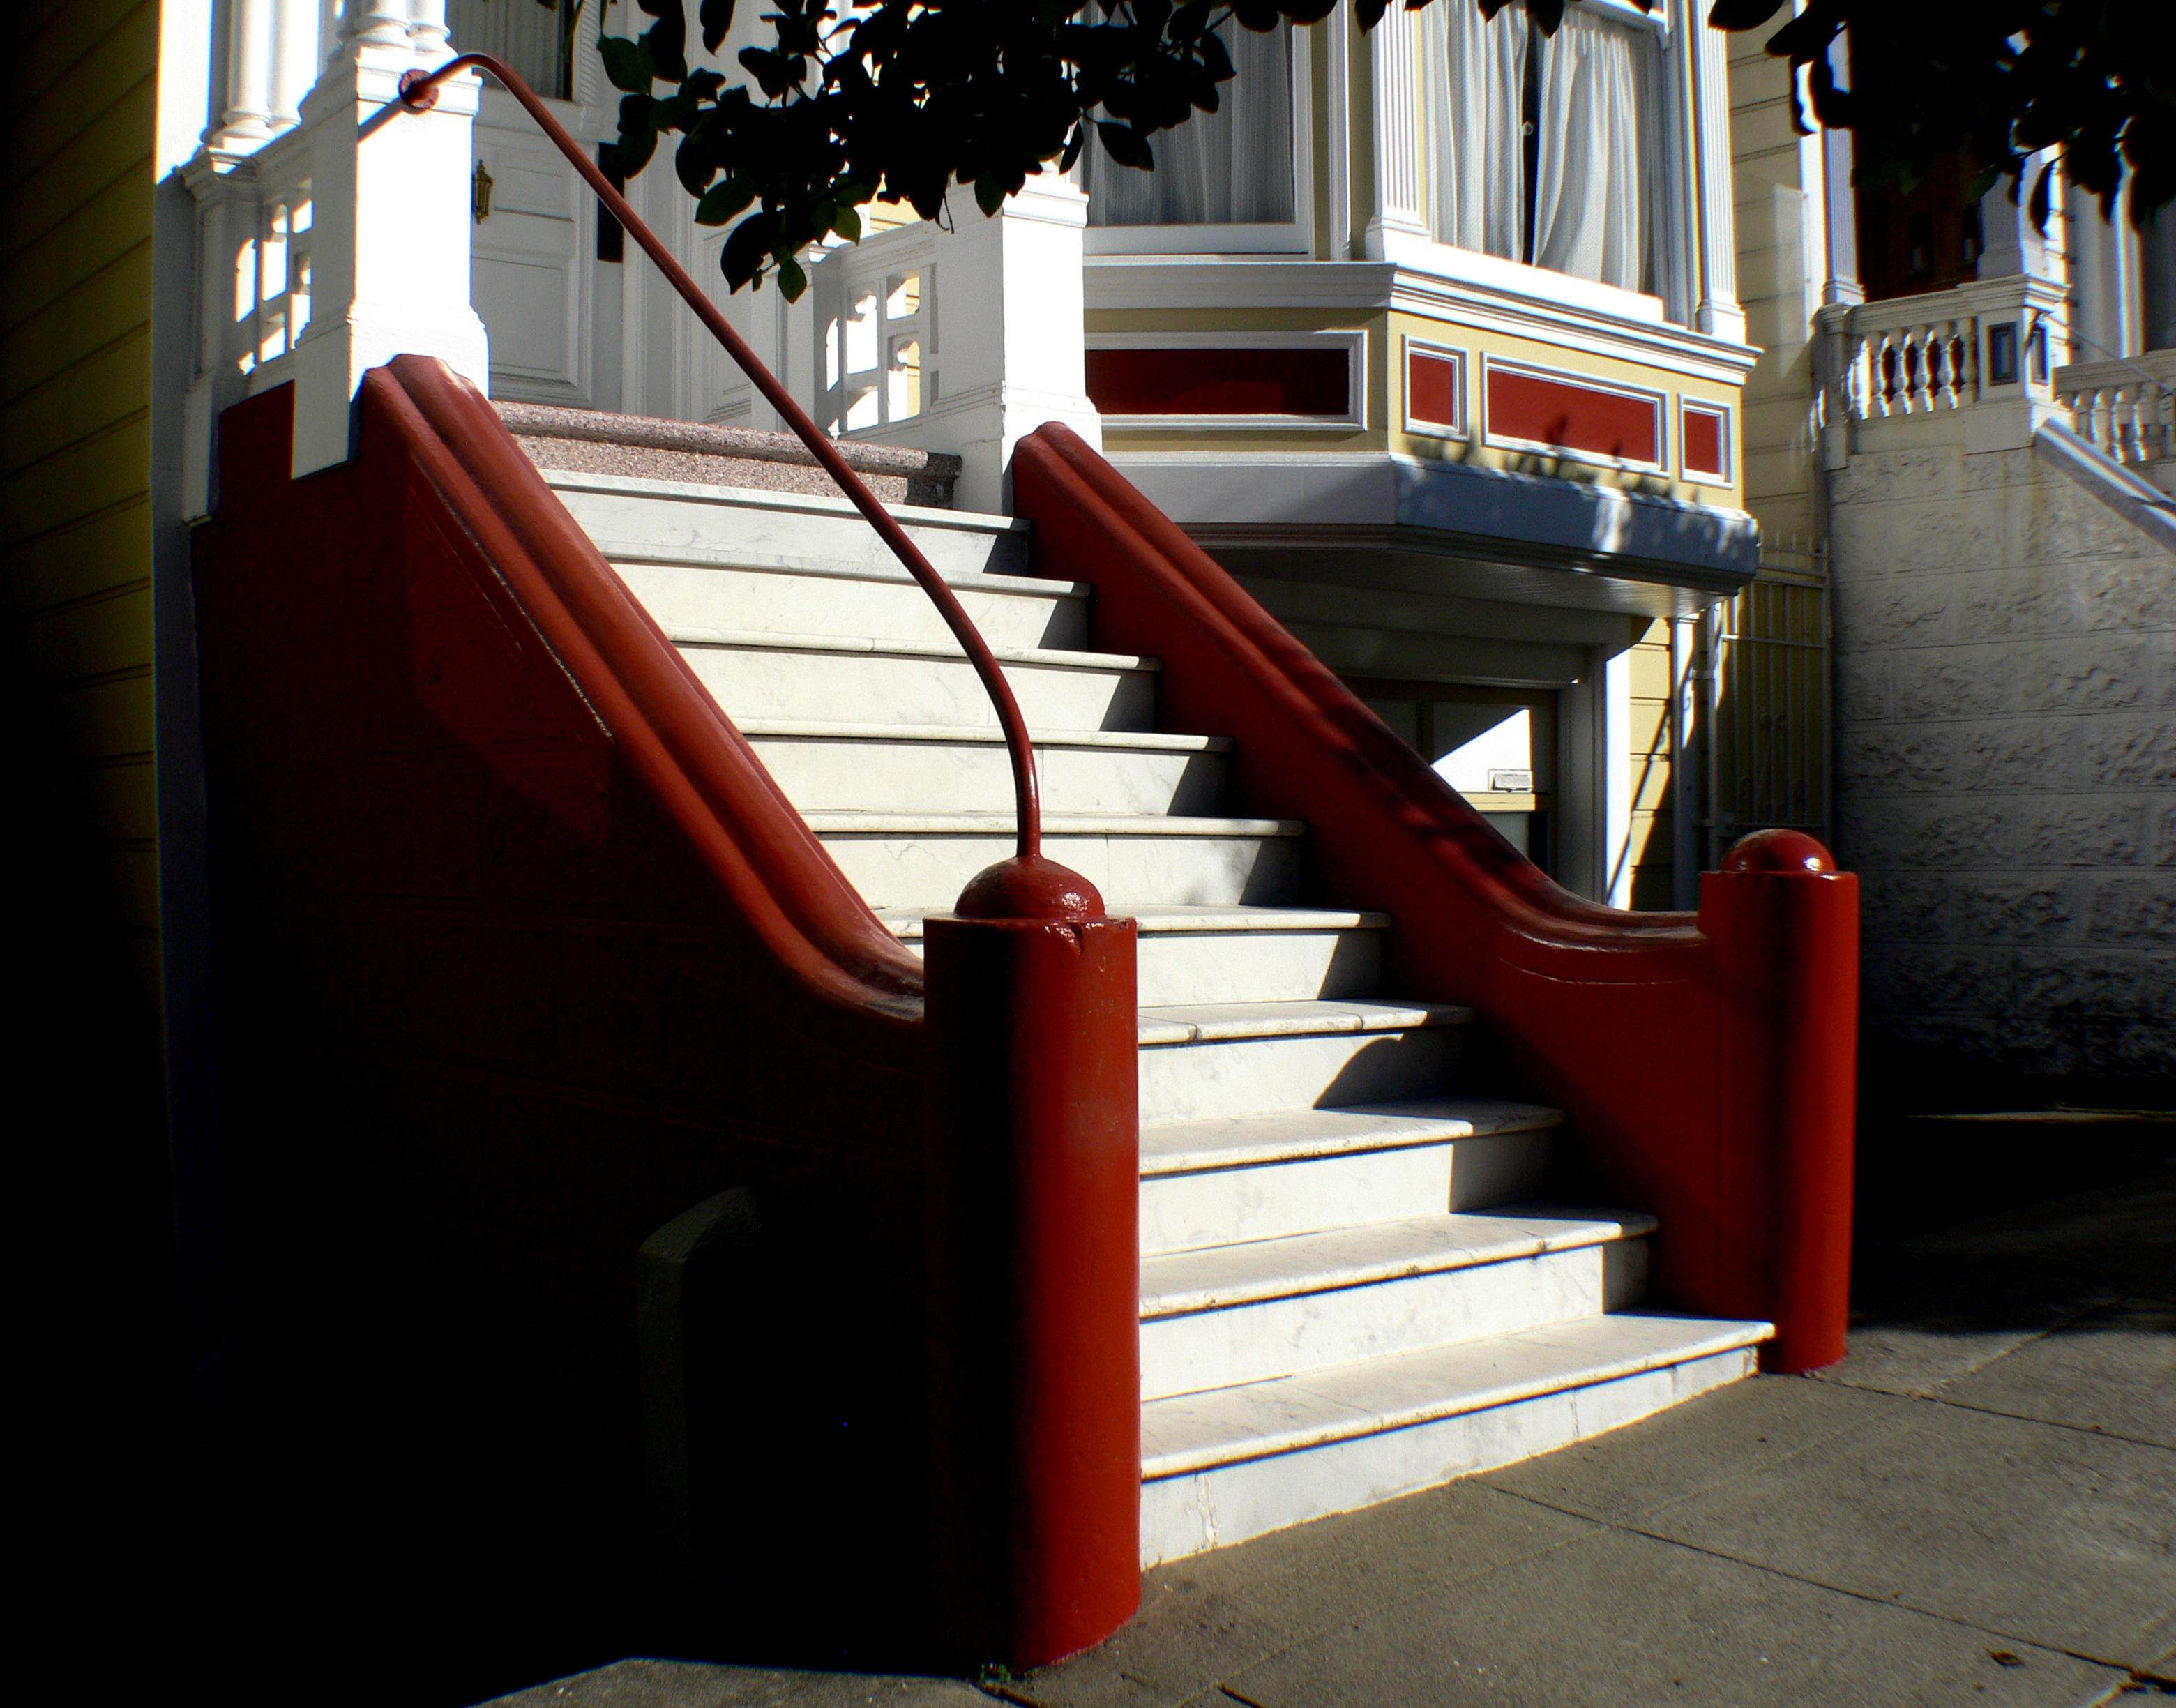 Fotos gratis : rojo, color, mueble, pretil, dominio publico, San ...